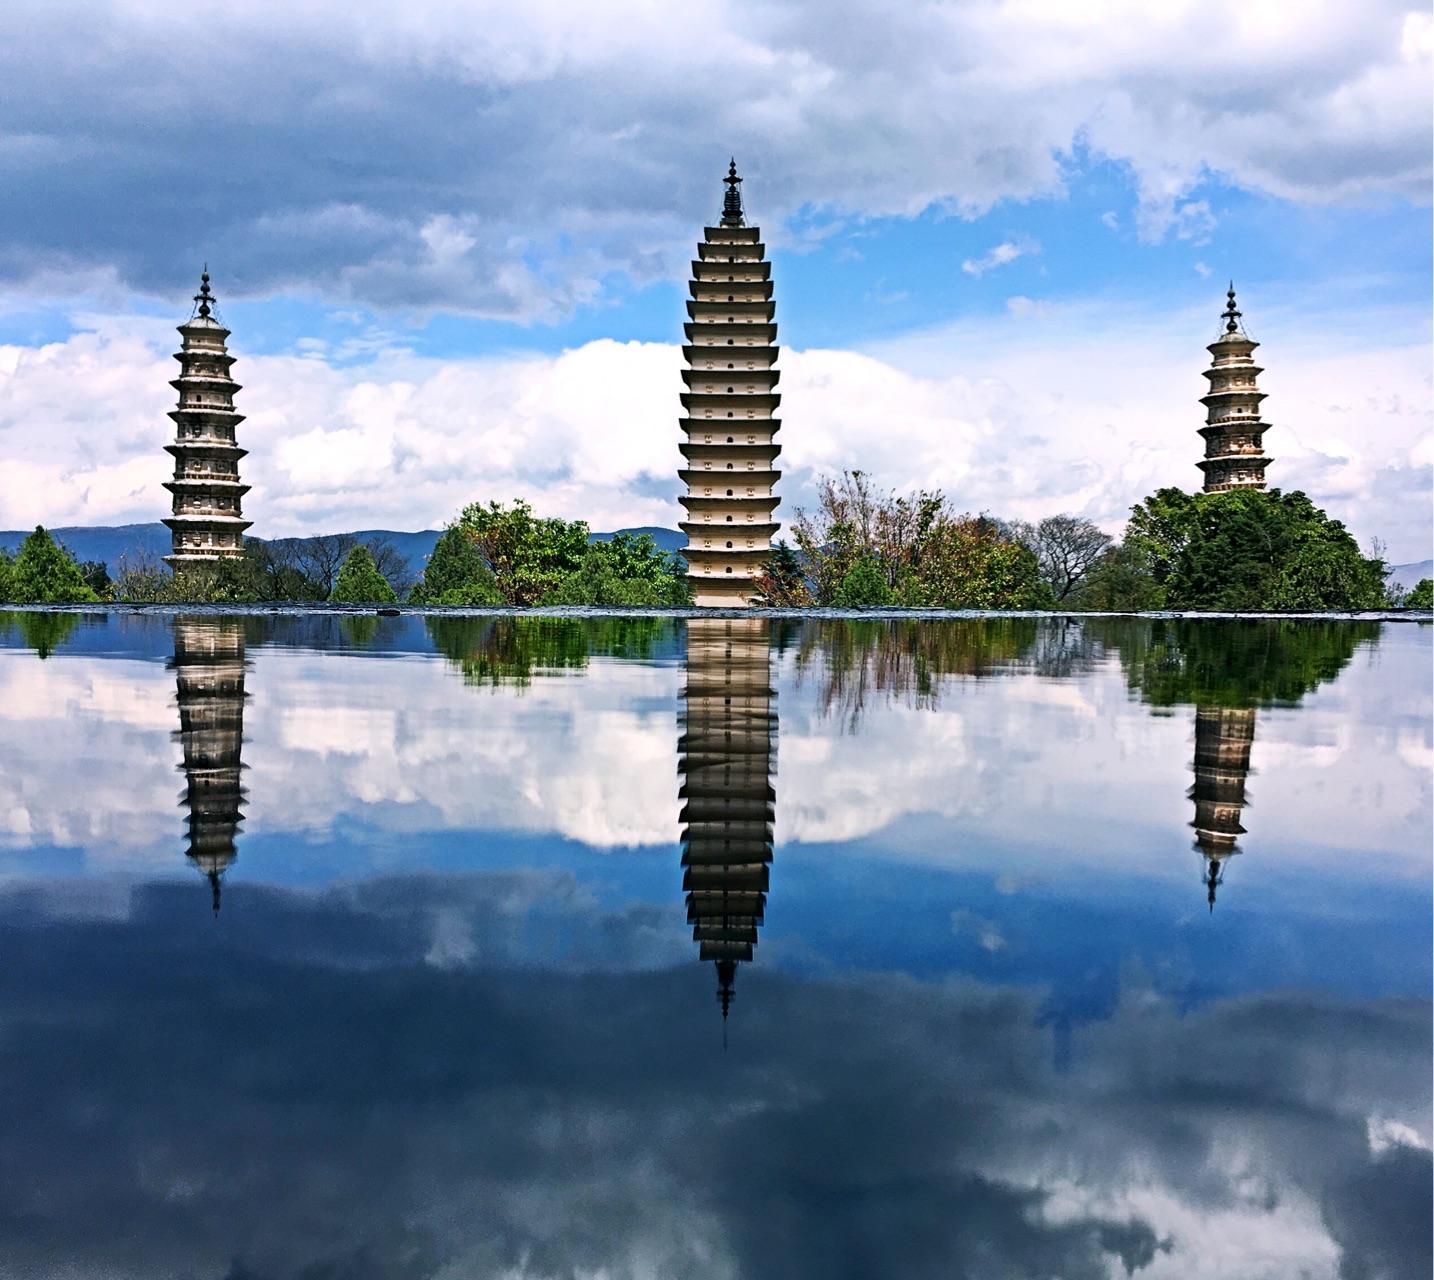 宁沪高速公路_丽江,玉龙雪山,泸沽湖,大理,洱海怎么玩比较顺? - 知乎